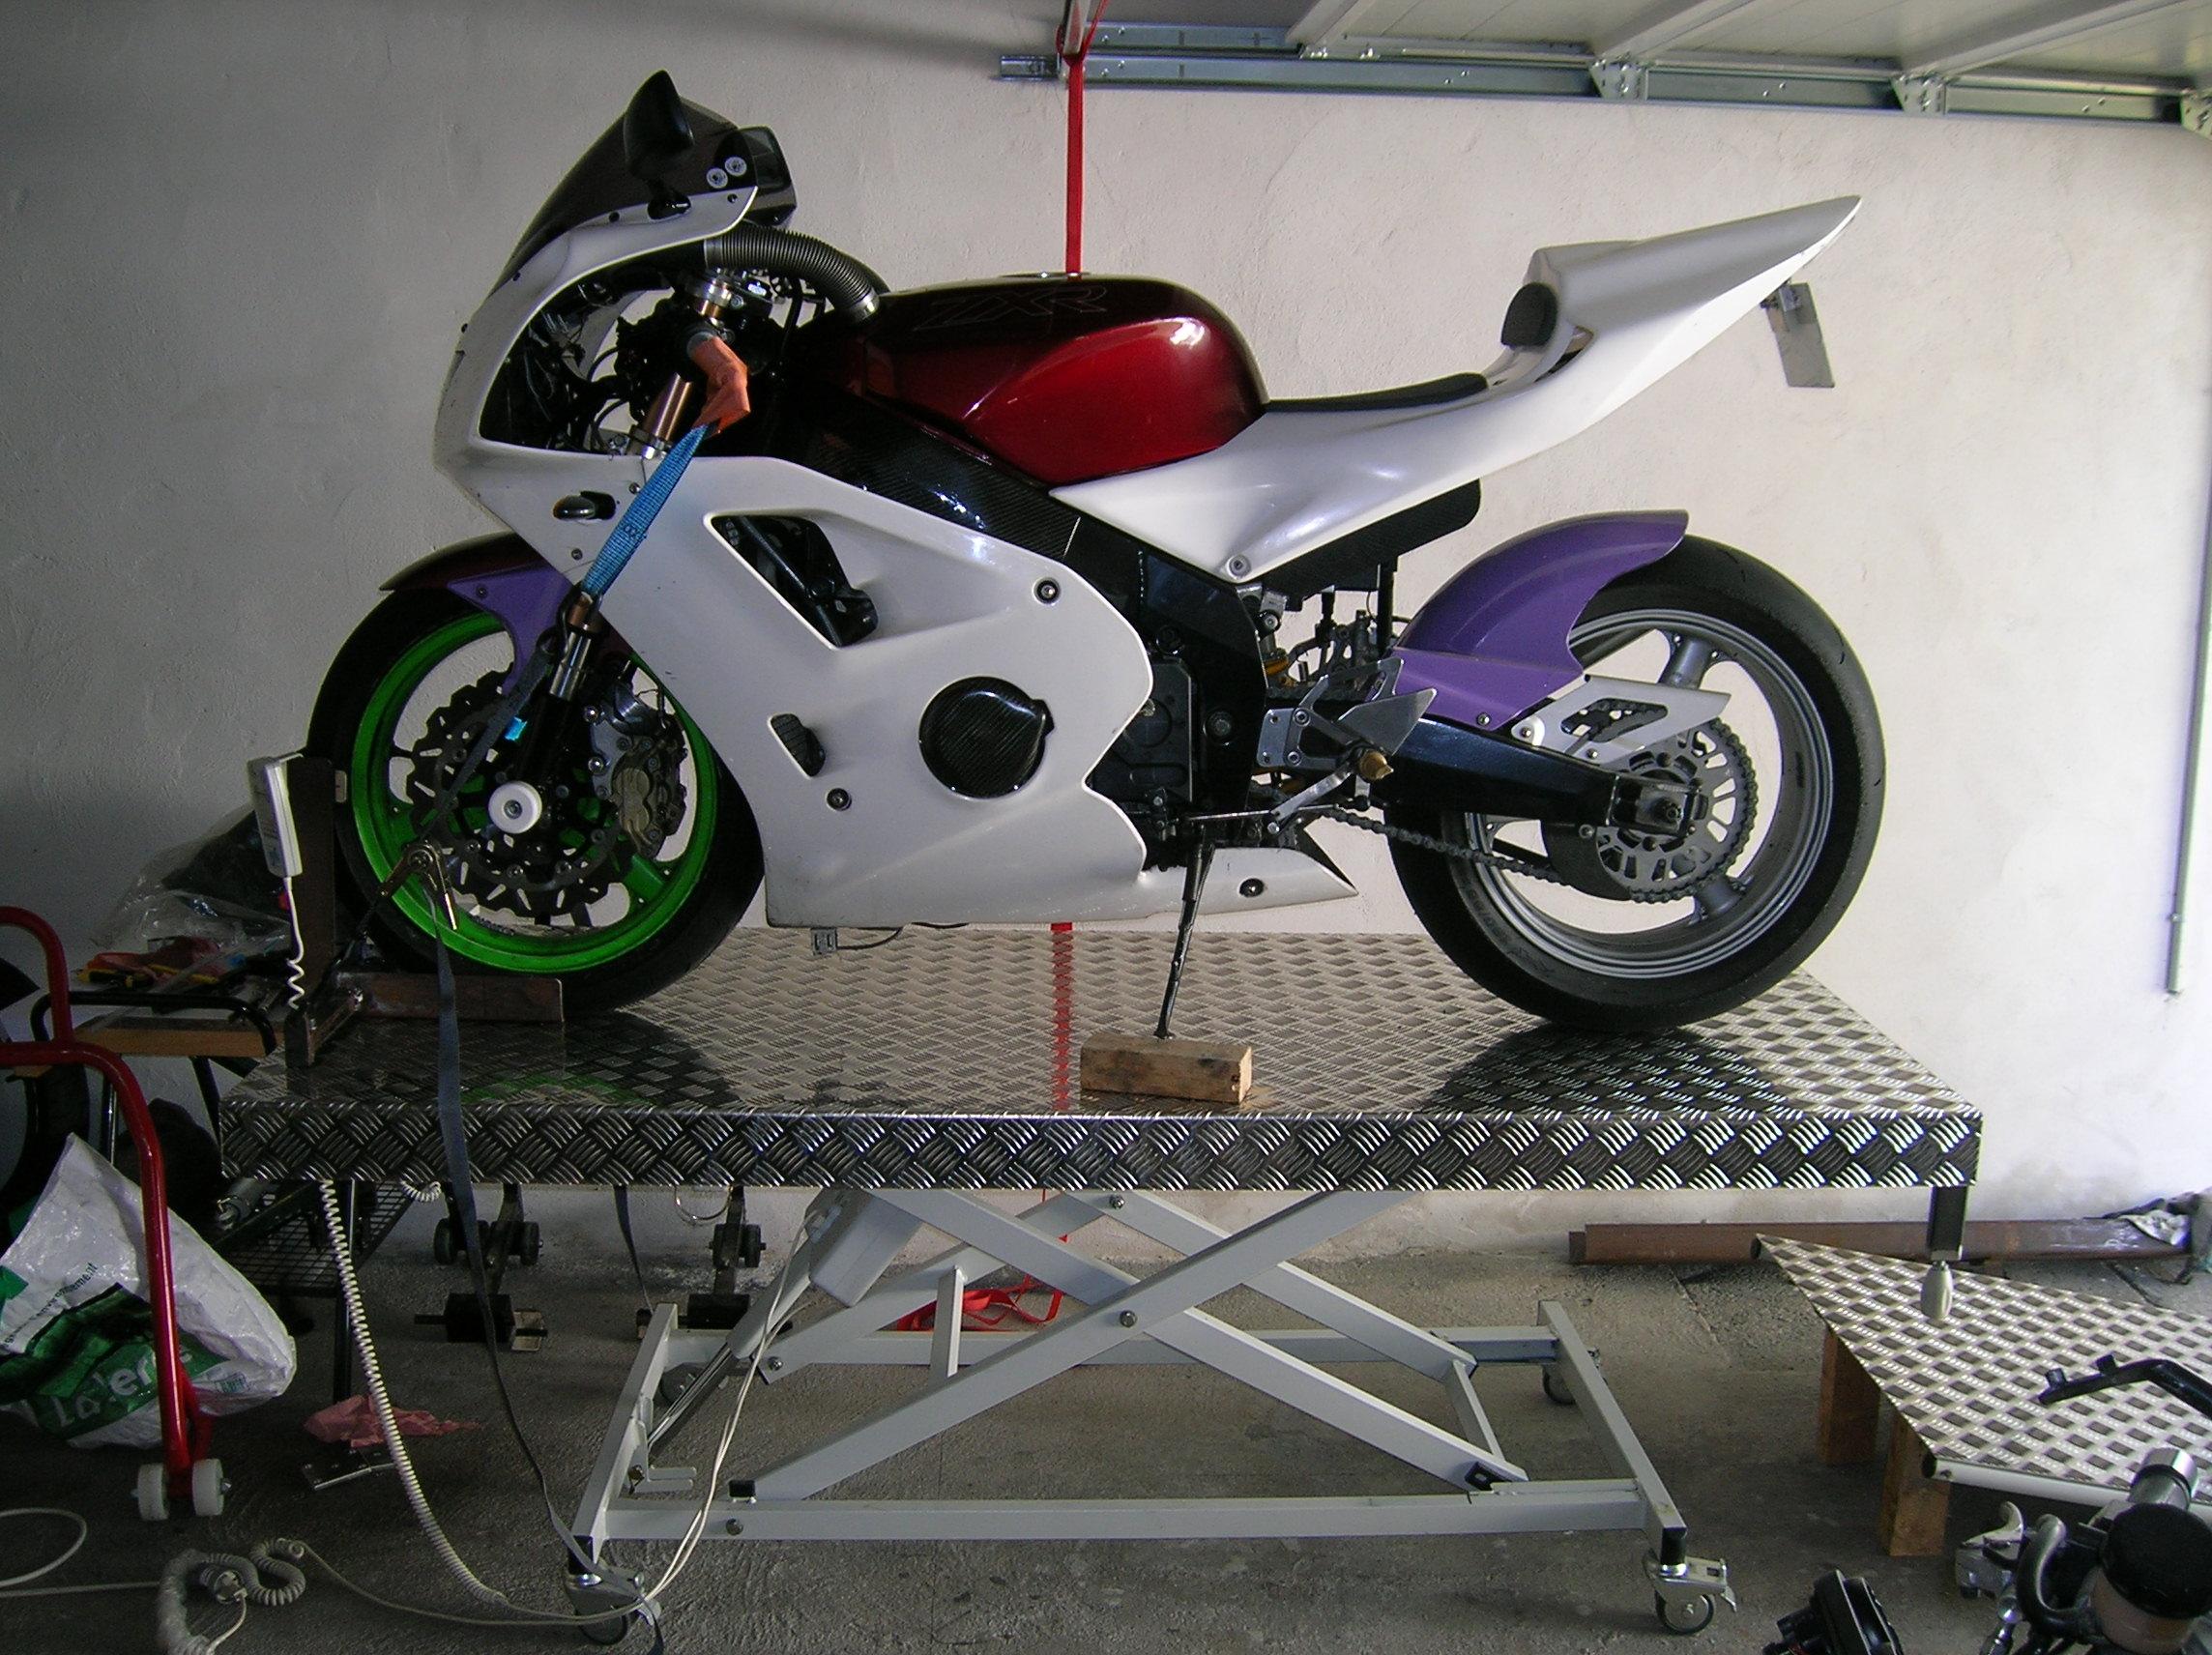 Pont de levage,table travail et autre leve moto Dscn2357e